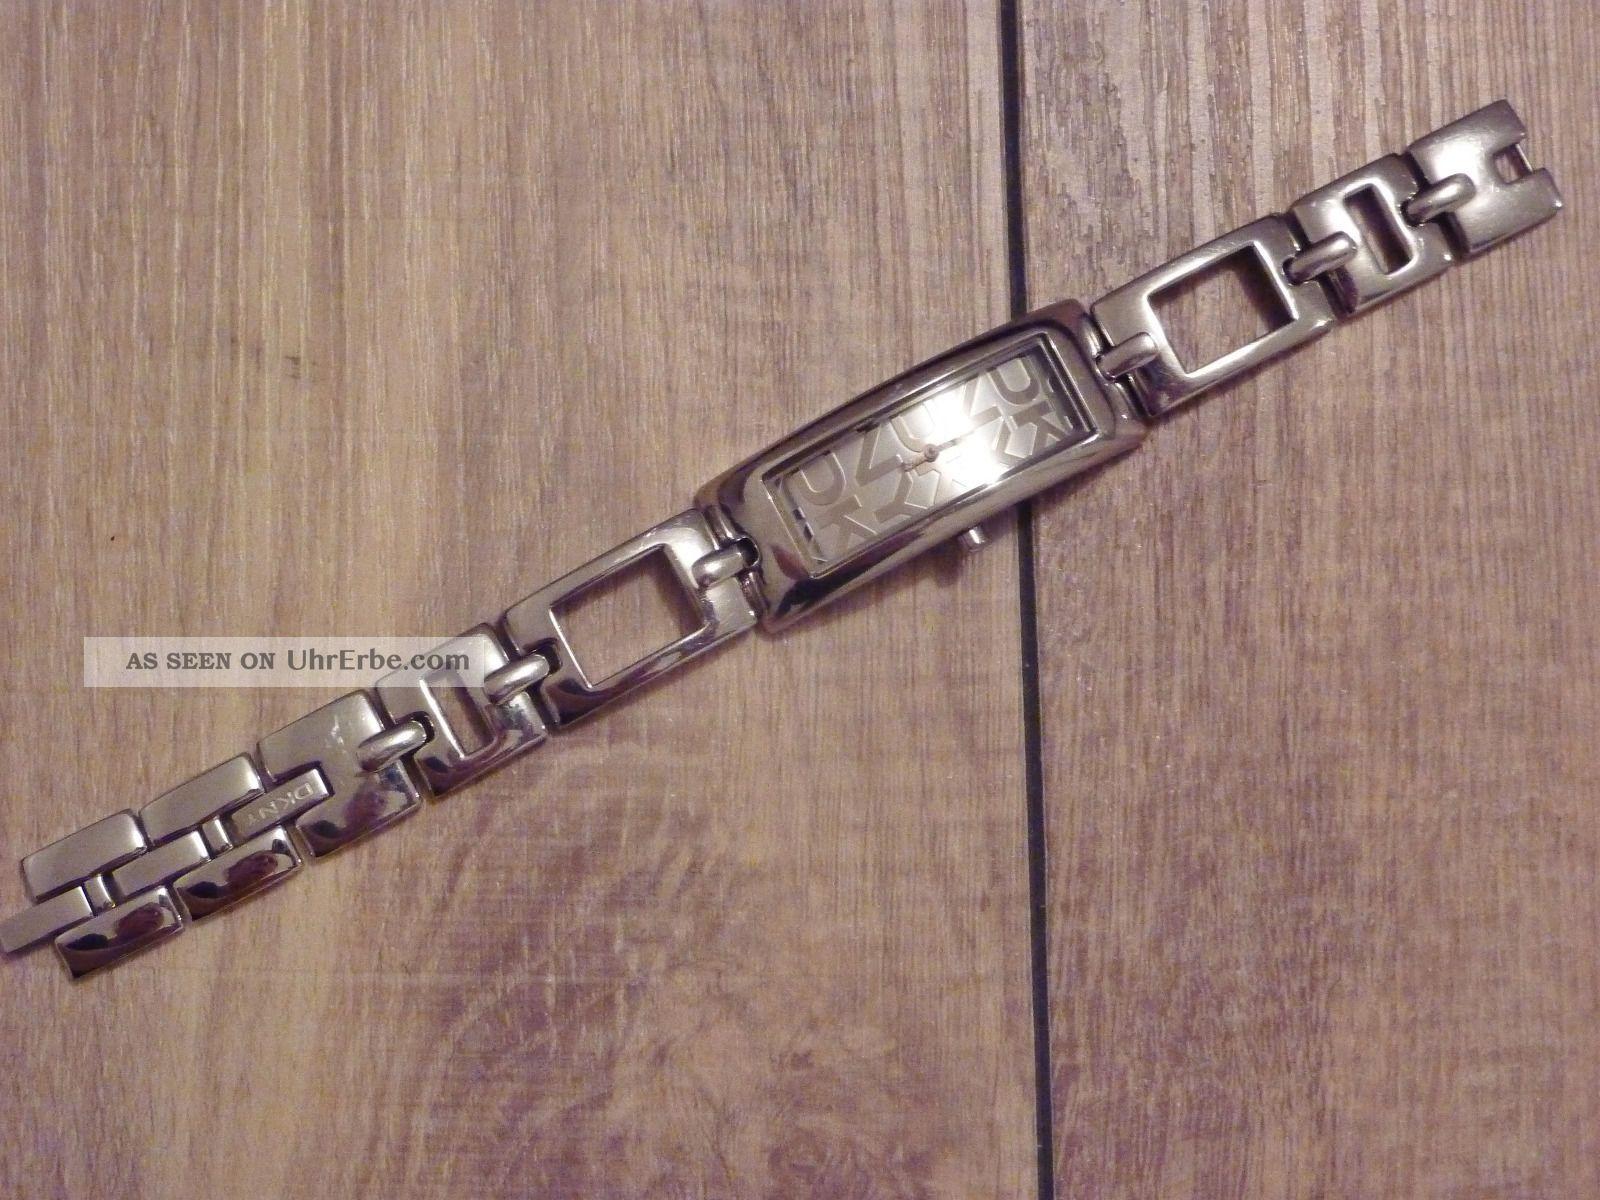 Uhr Damenuhr Von Dkny Silber Armbanduhren Bild